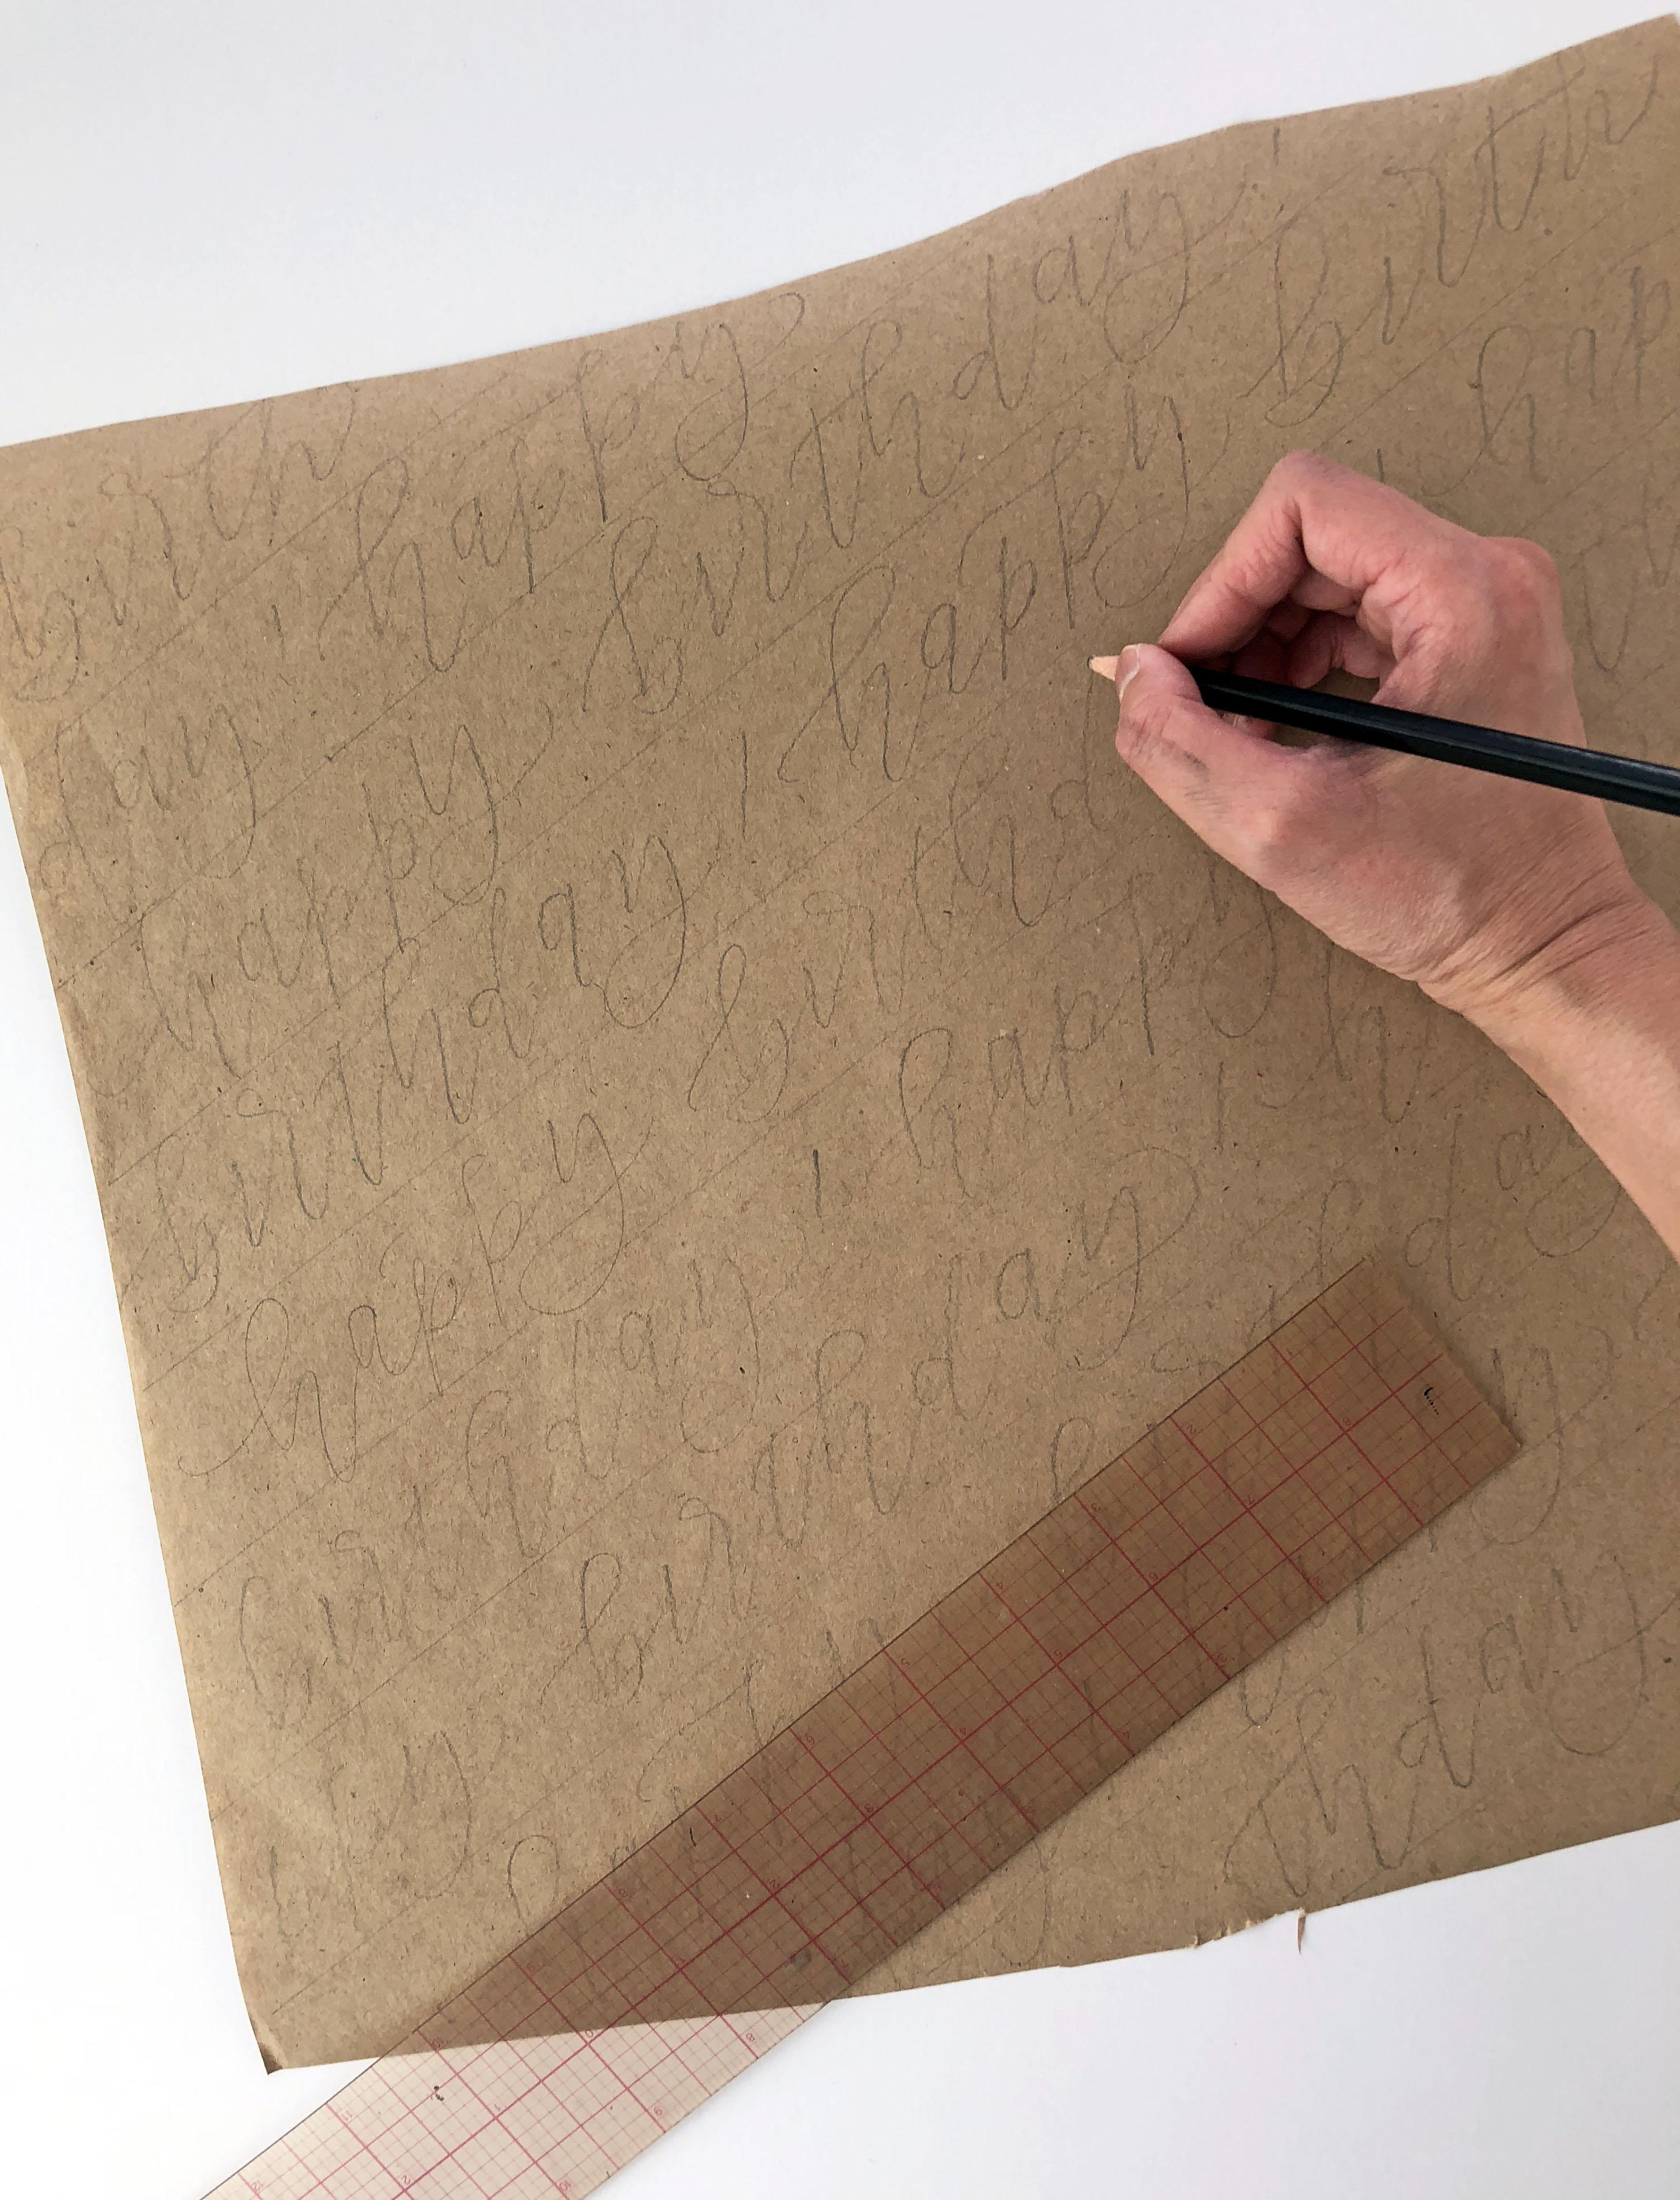 tolles geschenkpapier schreiben mit bleistift